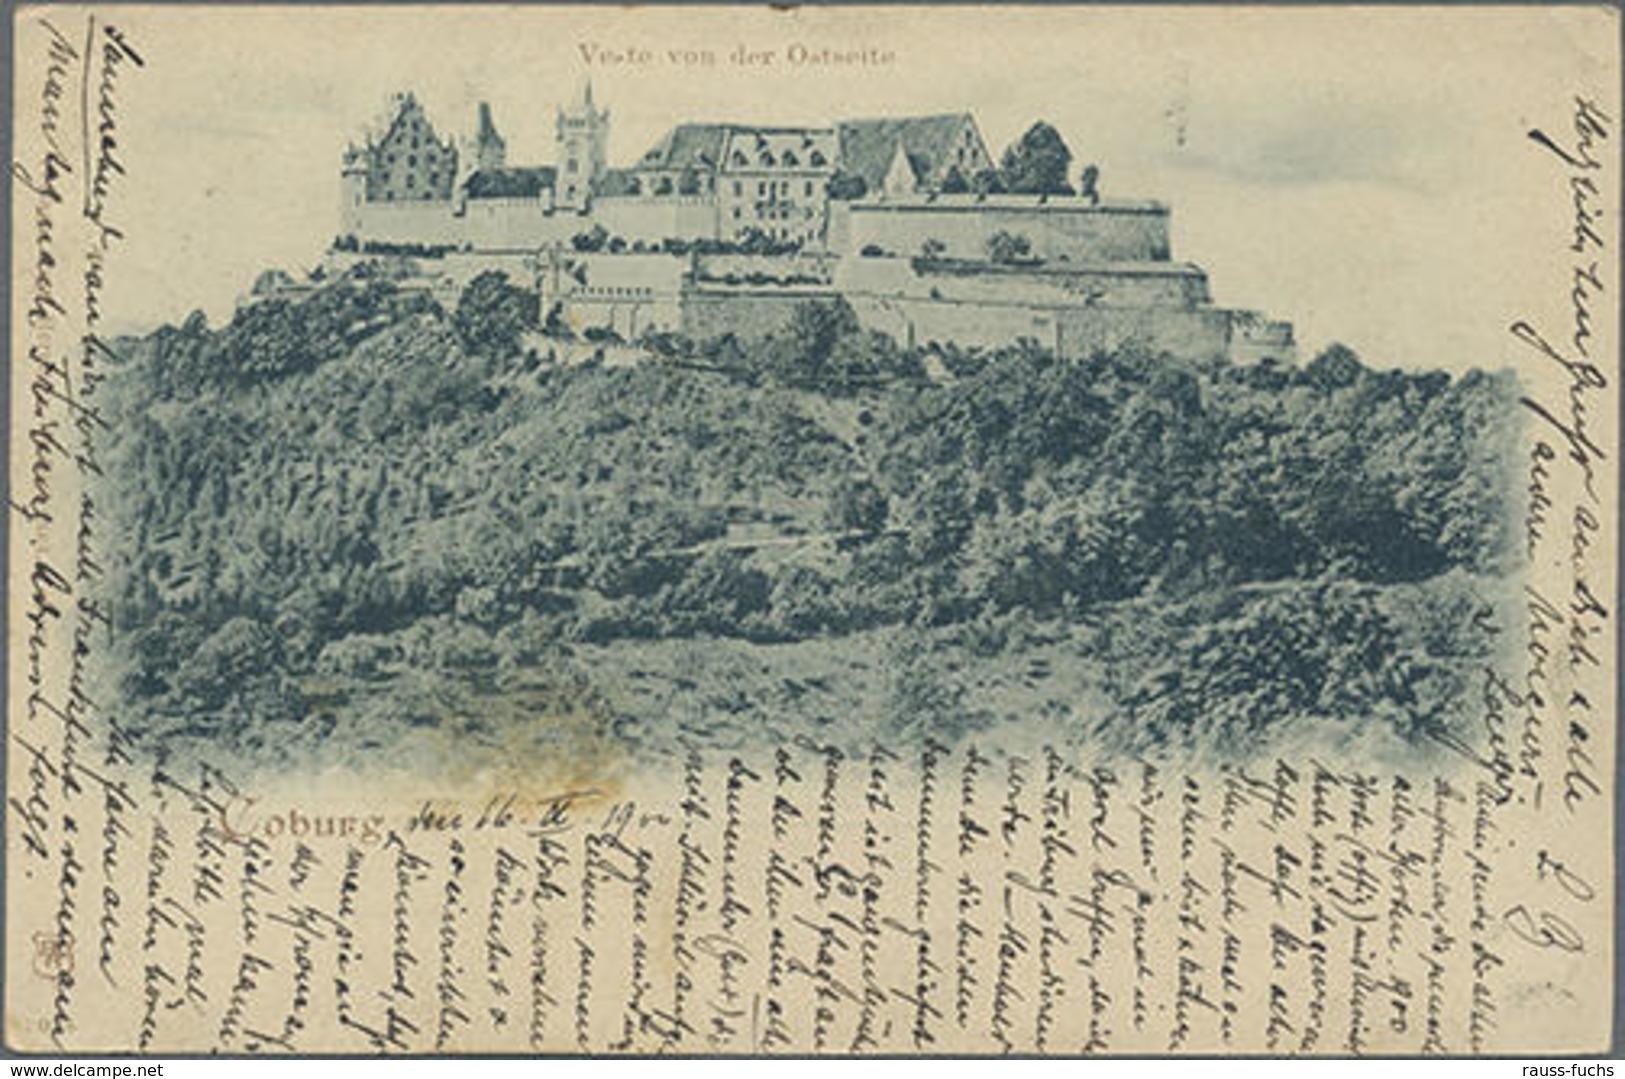 """1900, 5 Pf. Germania Jahrhunderwertstempel Mit Bild Coburg Veste Von Der Ostseite"""" Mit 5 Pf. Germania Als ZuF Von Coburg - Unclassified"""